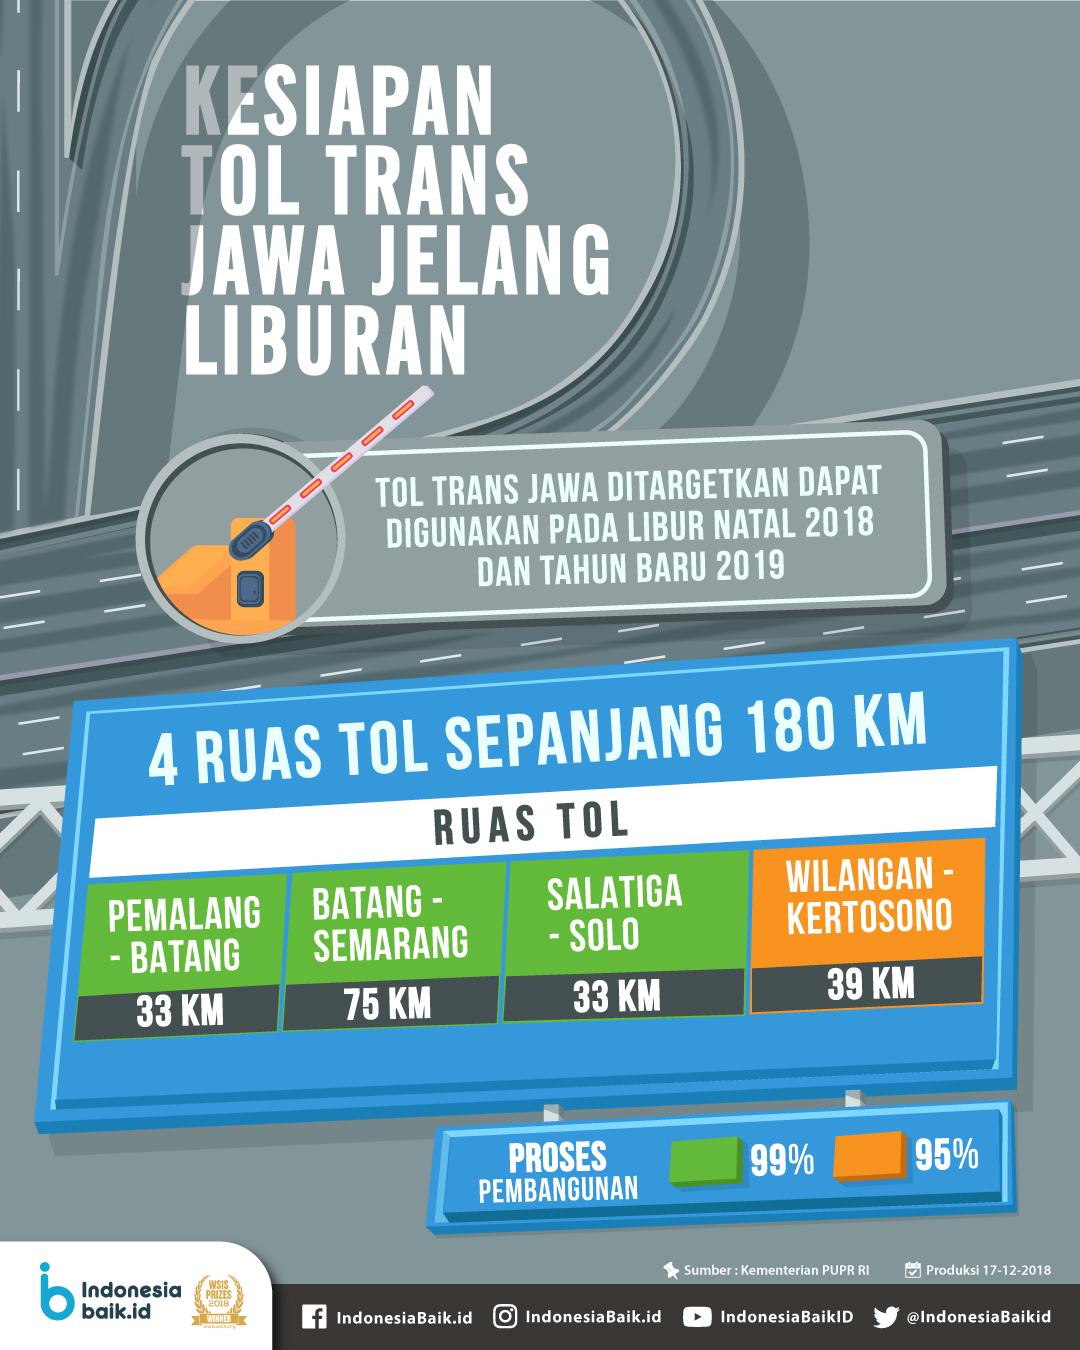 Kesiapan Tol Trans Jawa Jelang Liburan